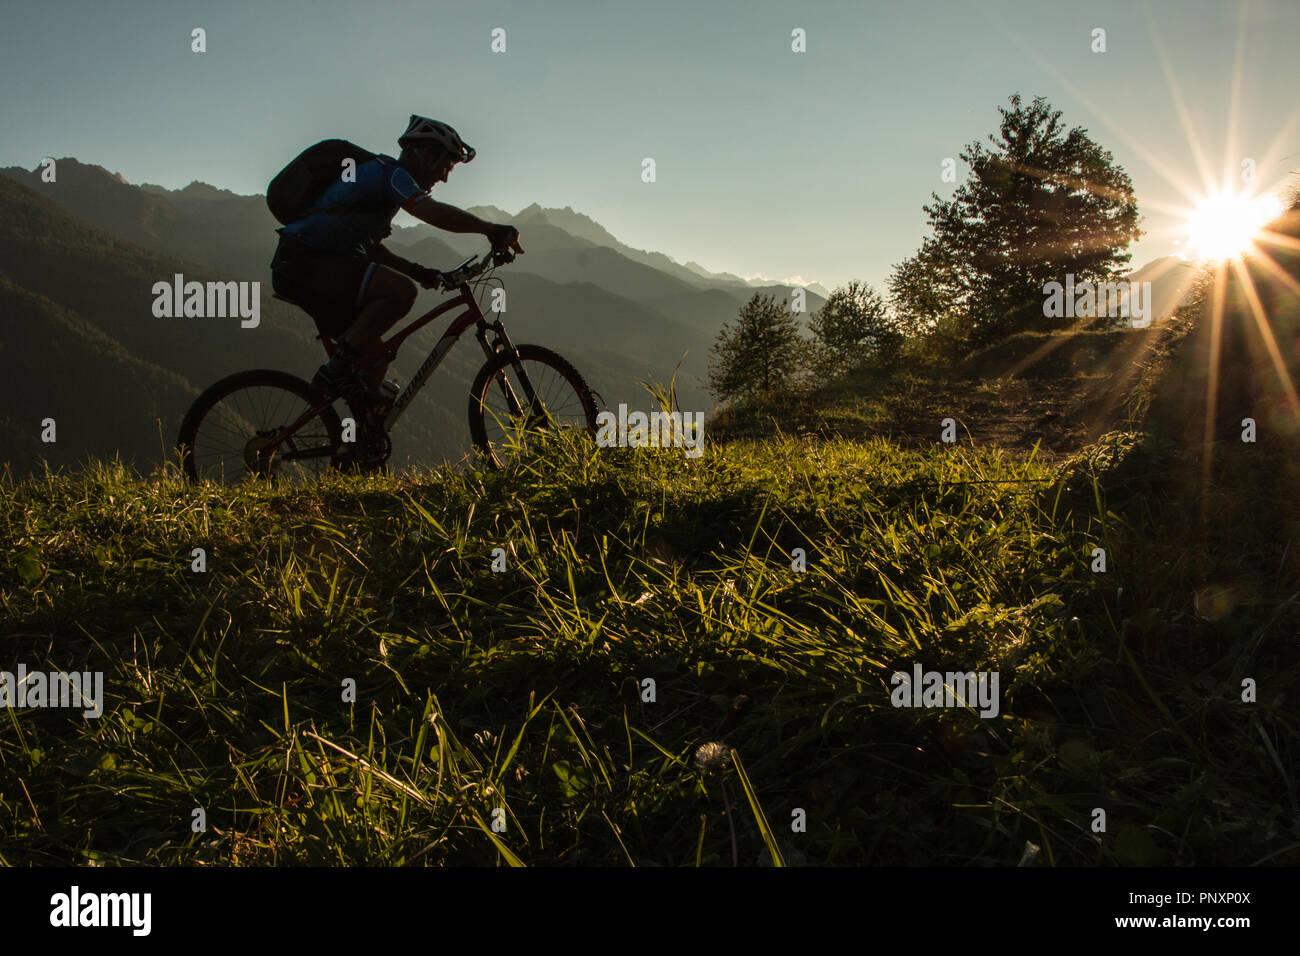 Mountain Biker at Sunset Stock Photo